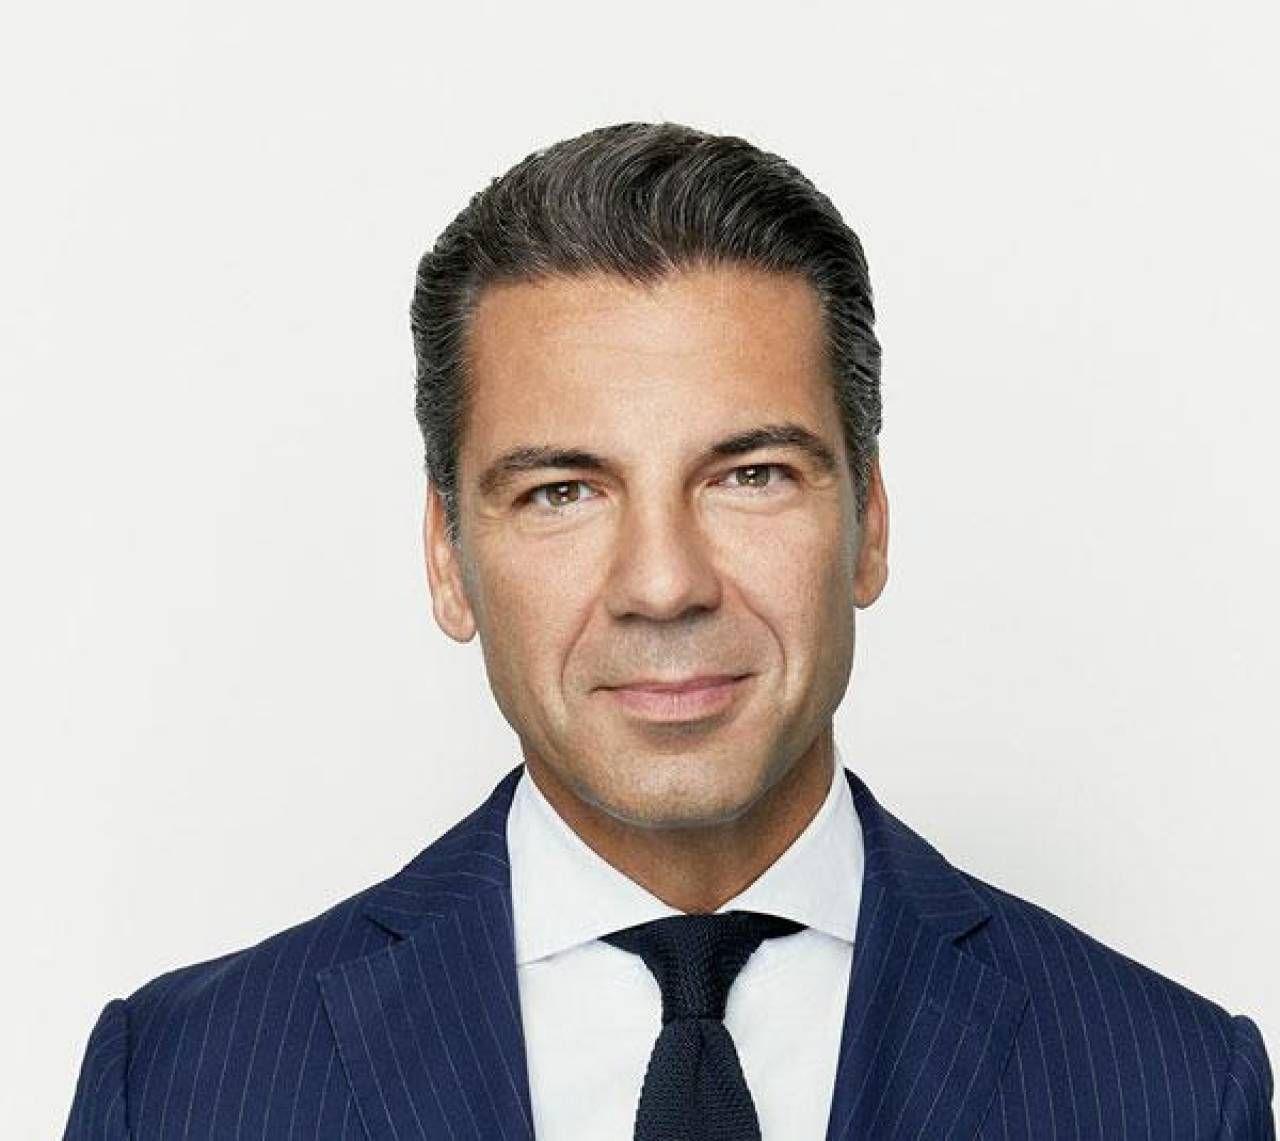 Nikos Stathopoulos, il manager di Bc Partners che sta seguendo direttamente il dossier Inter: parla 5 lingue ed ha una specializzazione ad Harvard